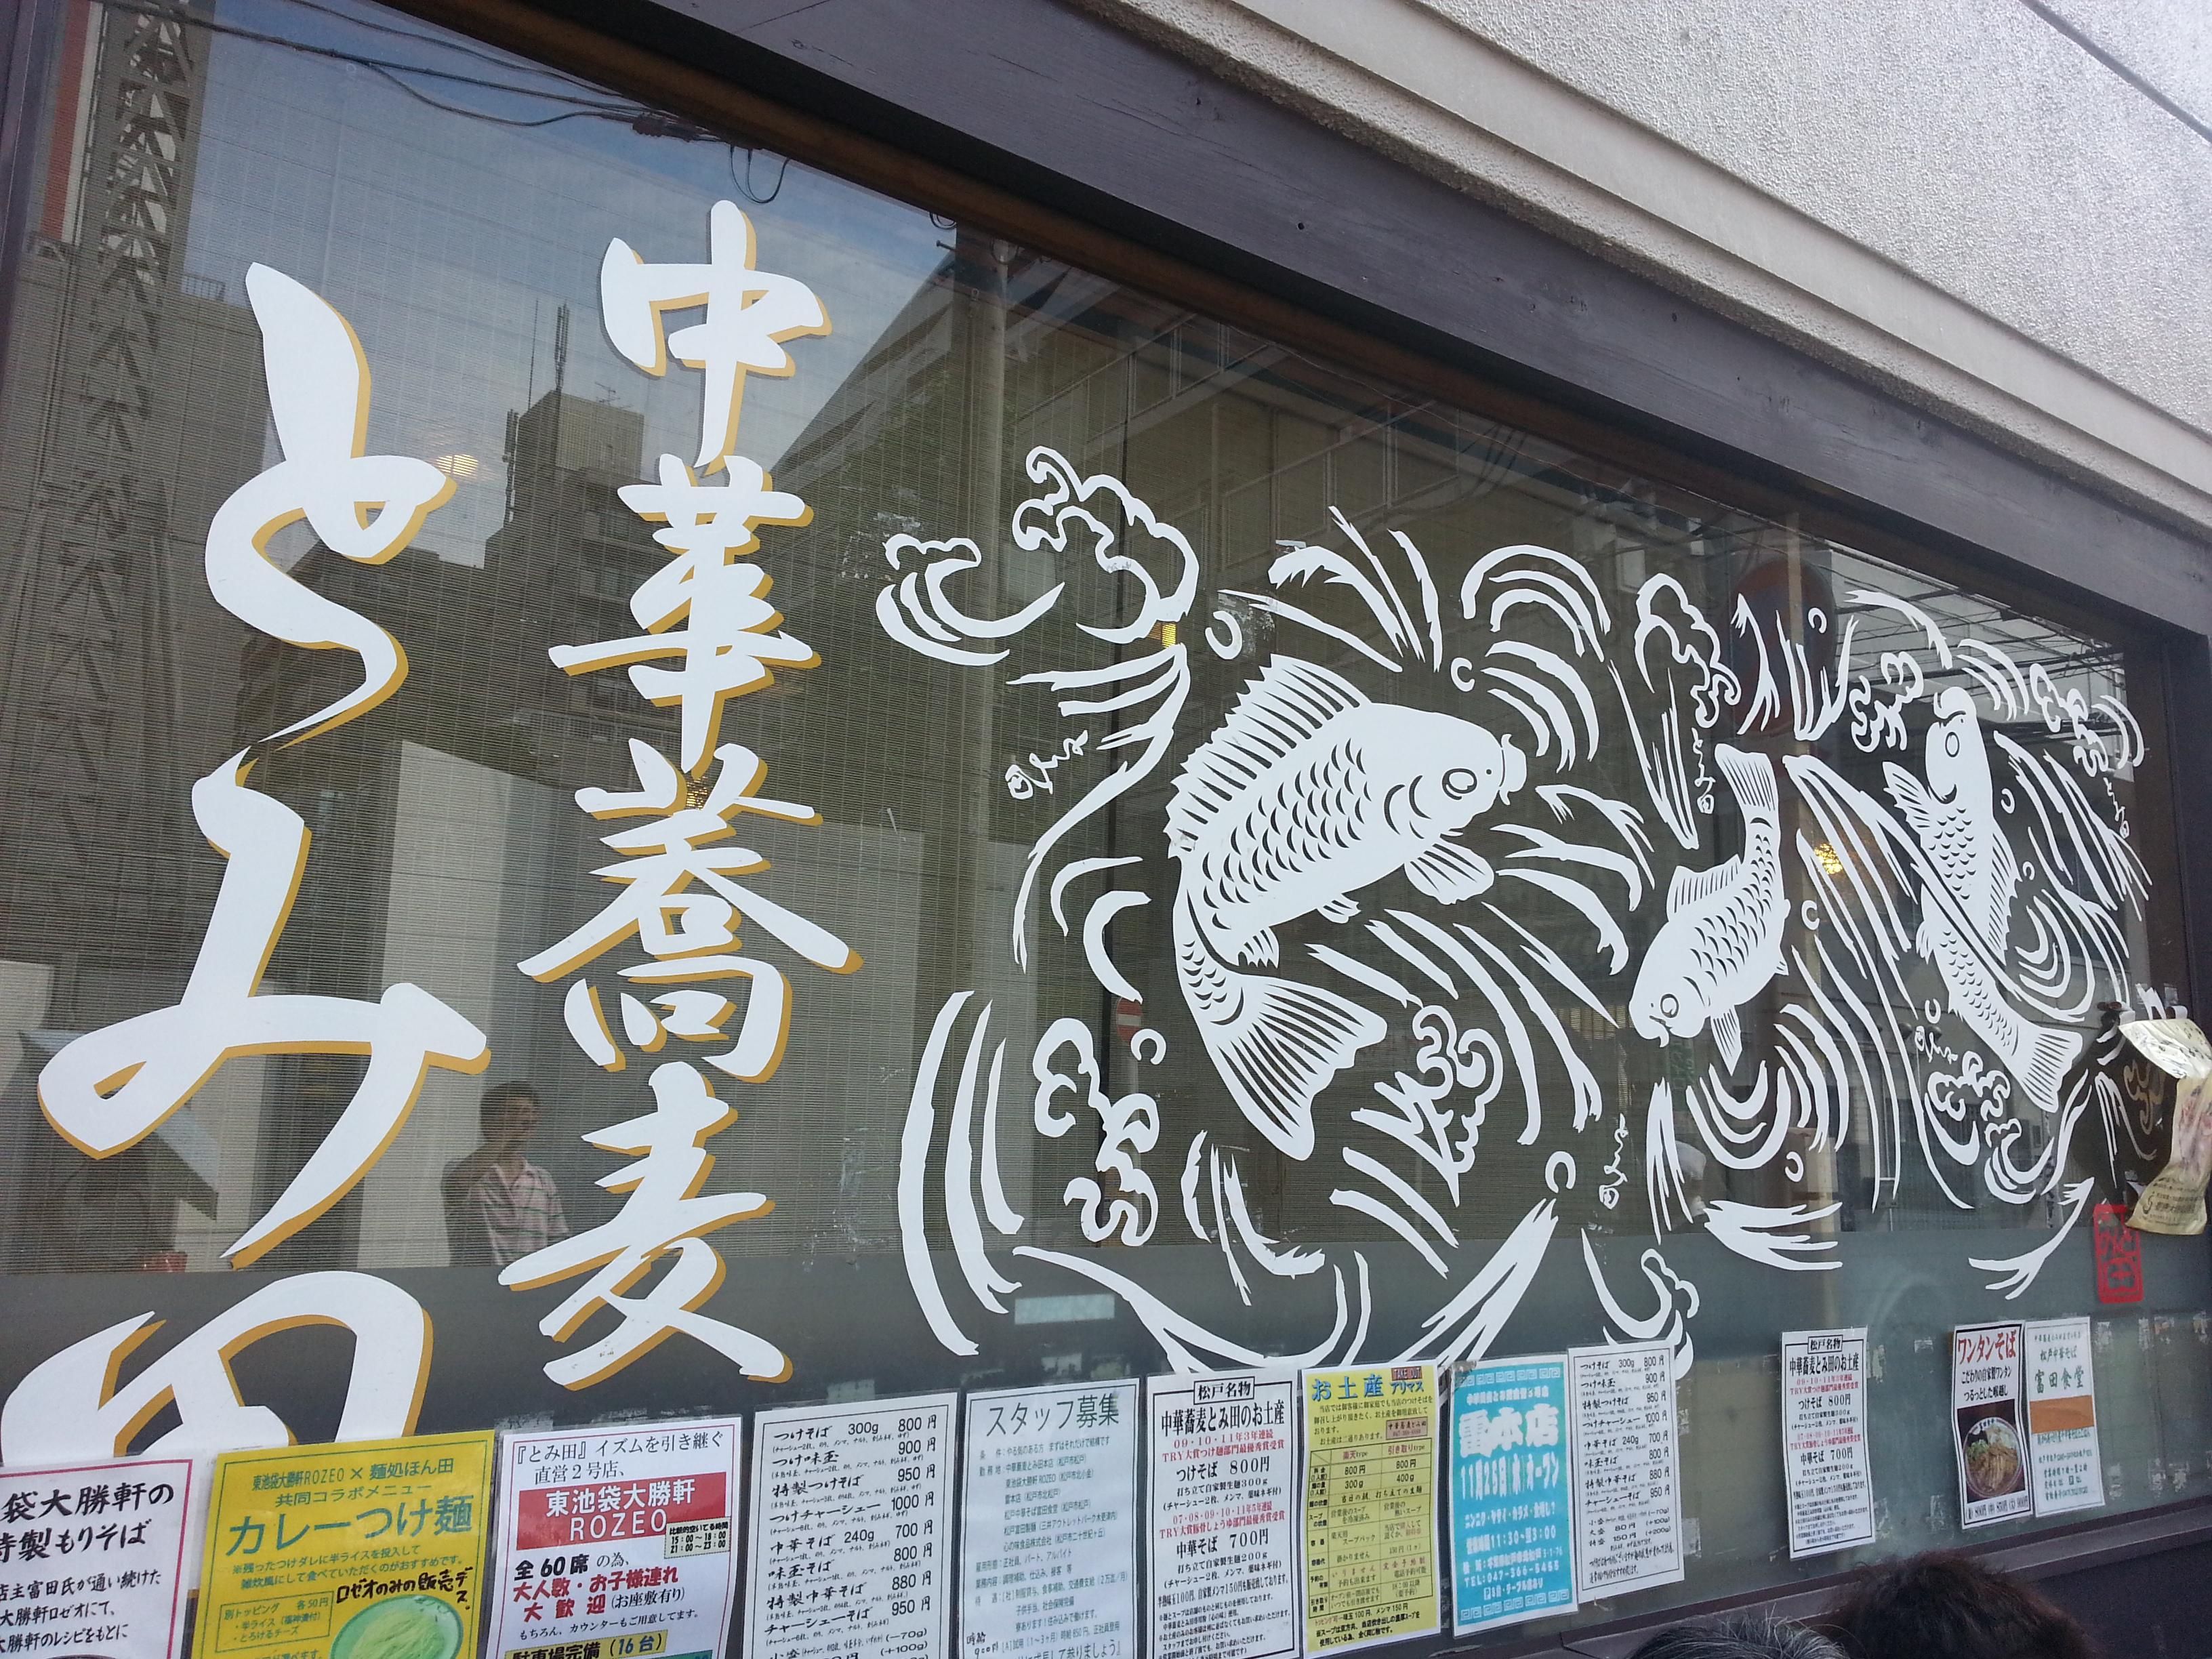 【松戸】つけ麺遠征にいってきました~【とみ田】